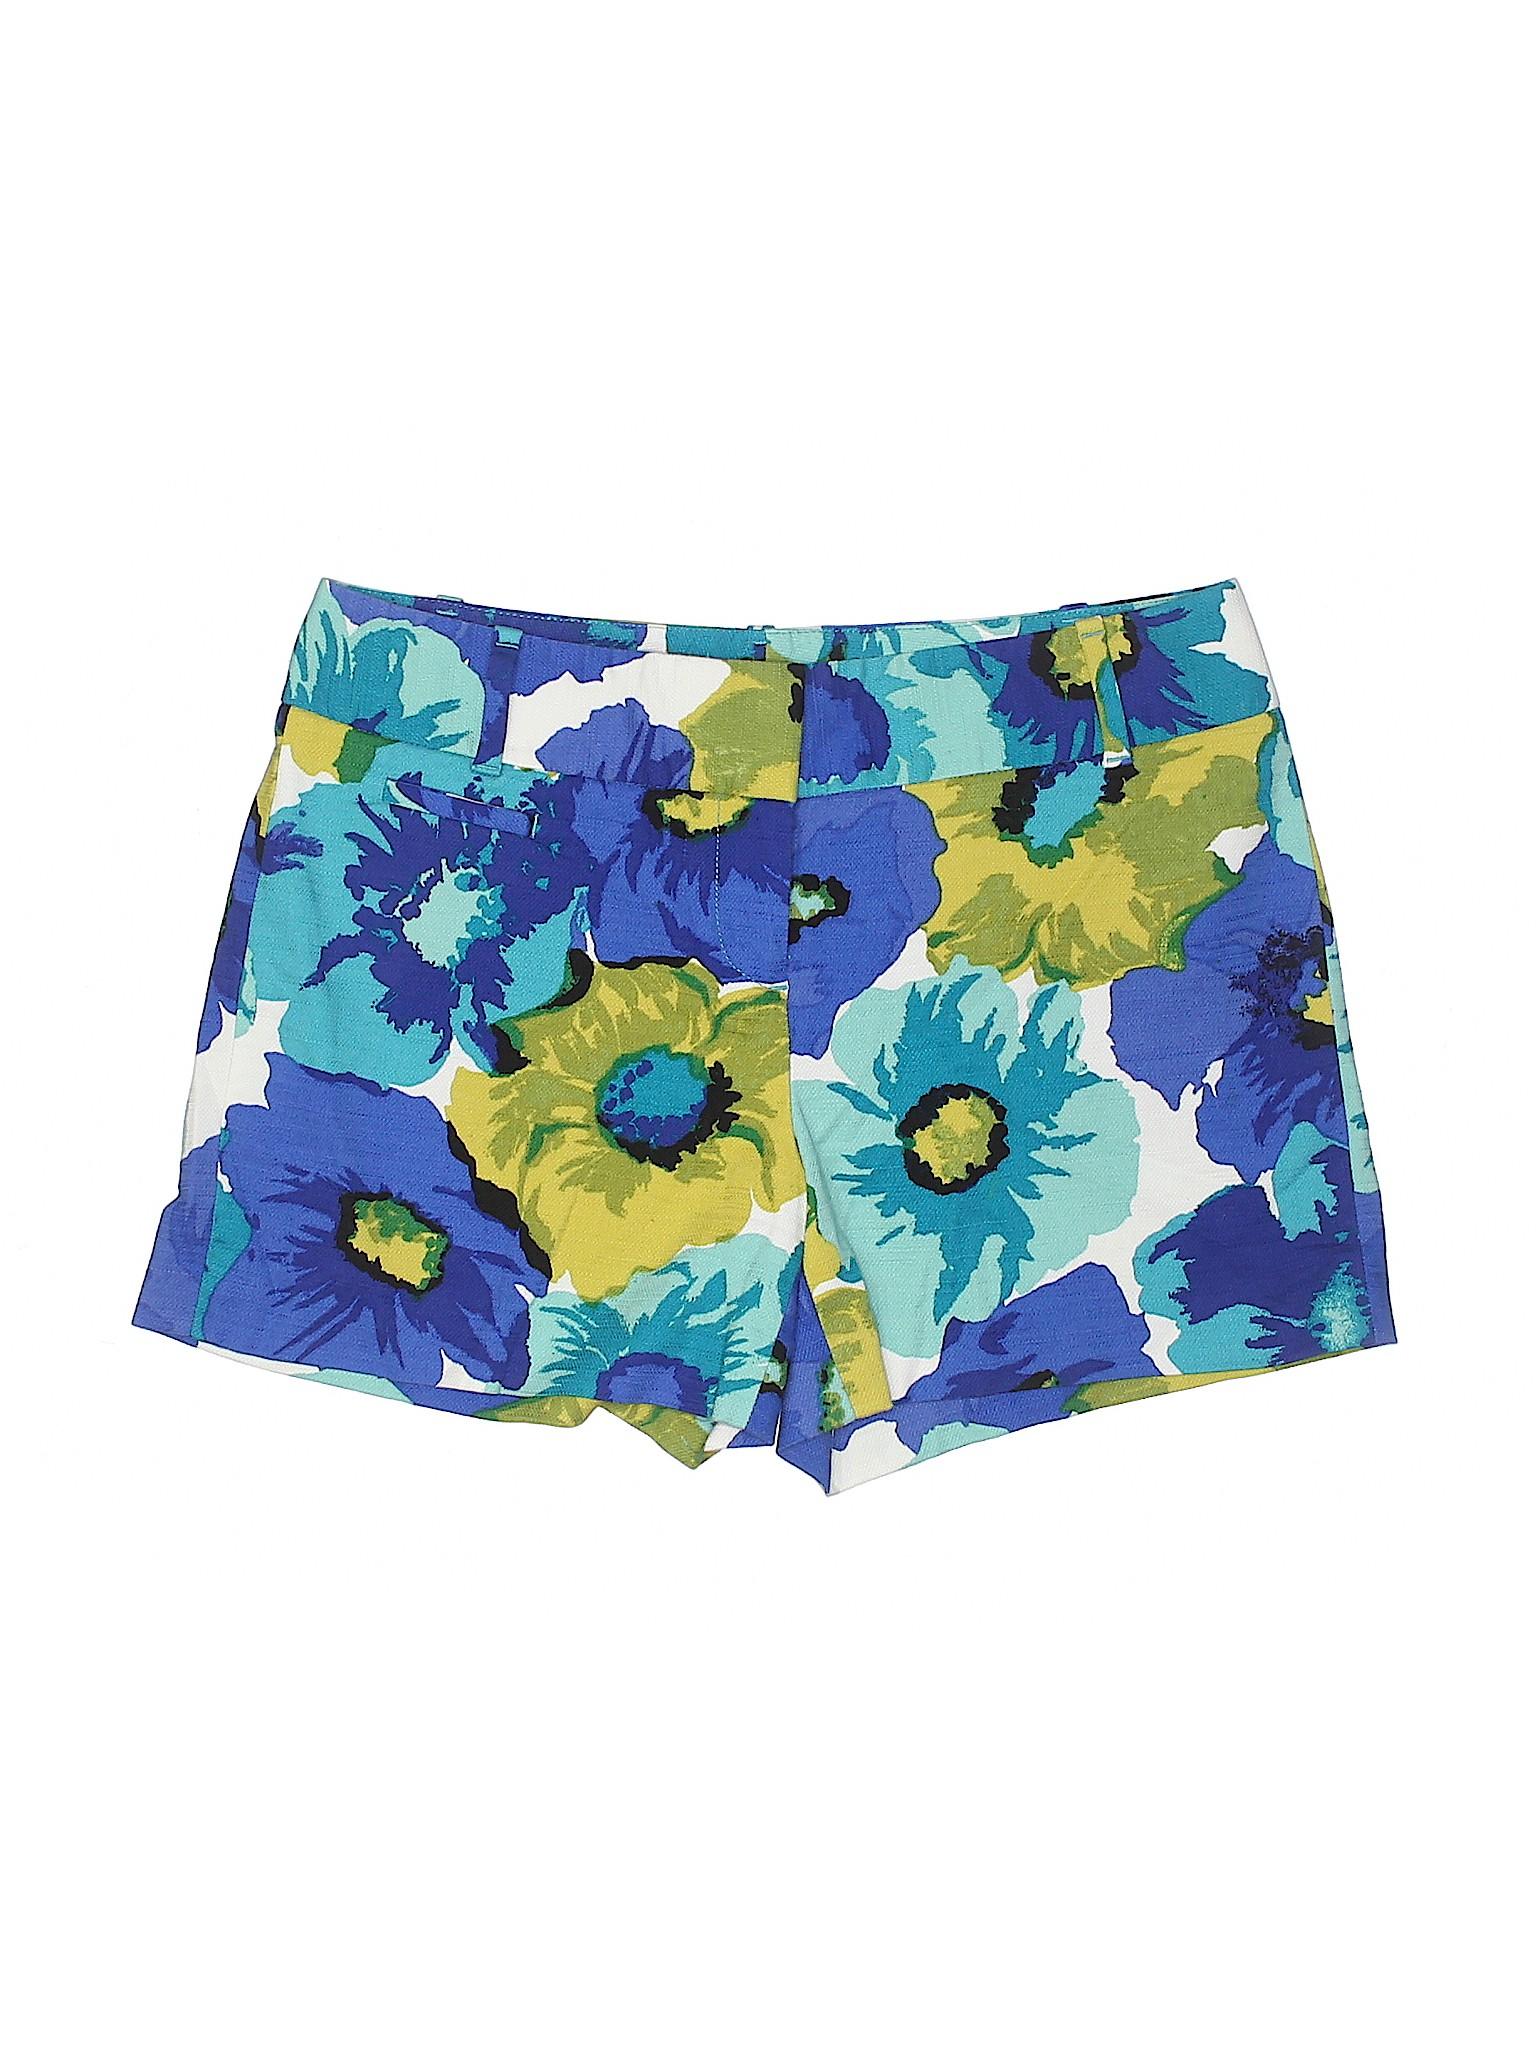 LOFT Boutique Shorts Khaki Taylor Ann ggE7U